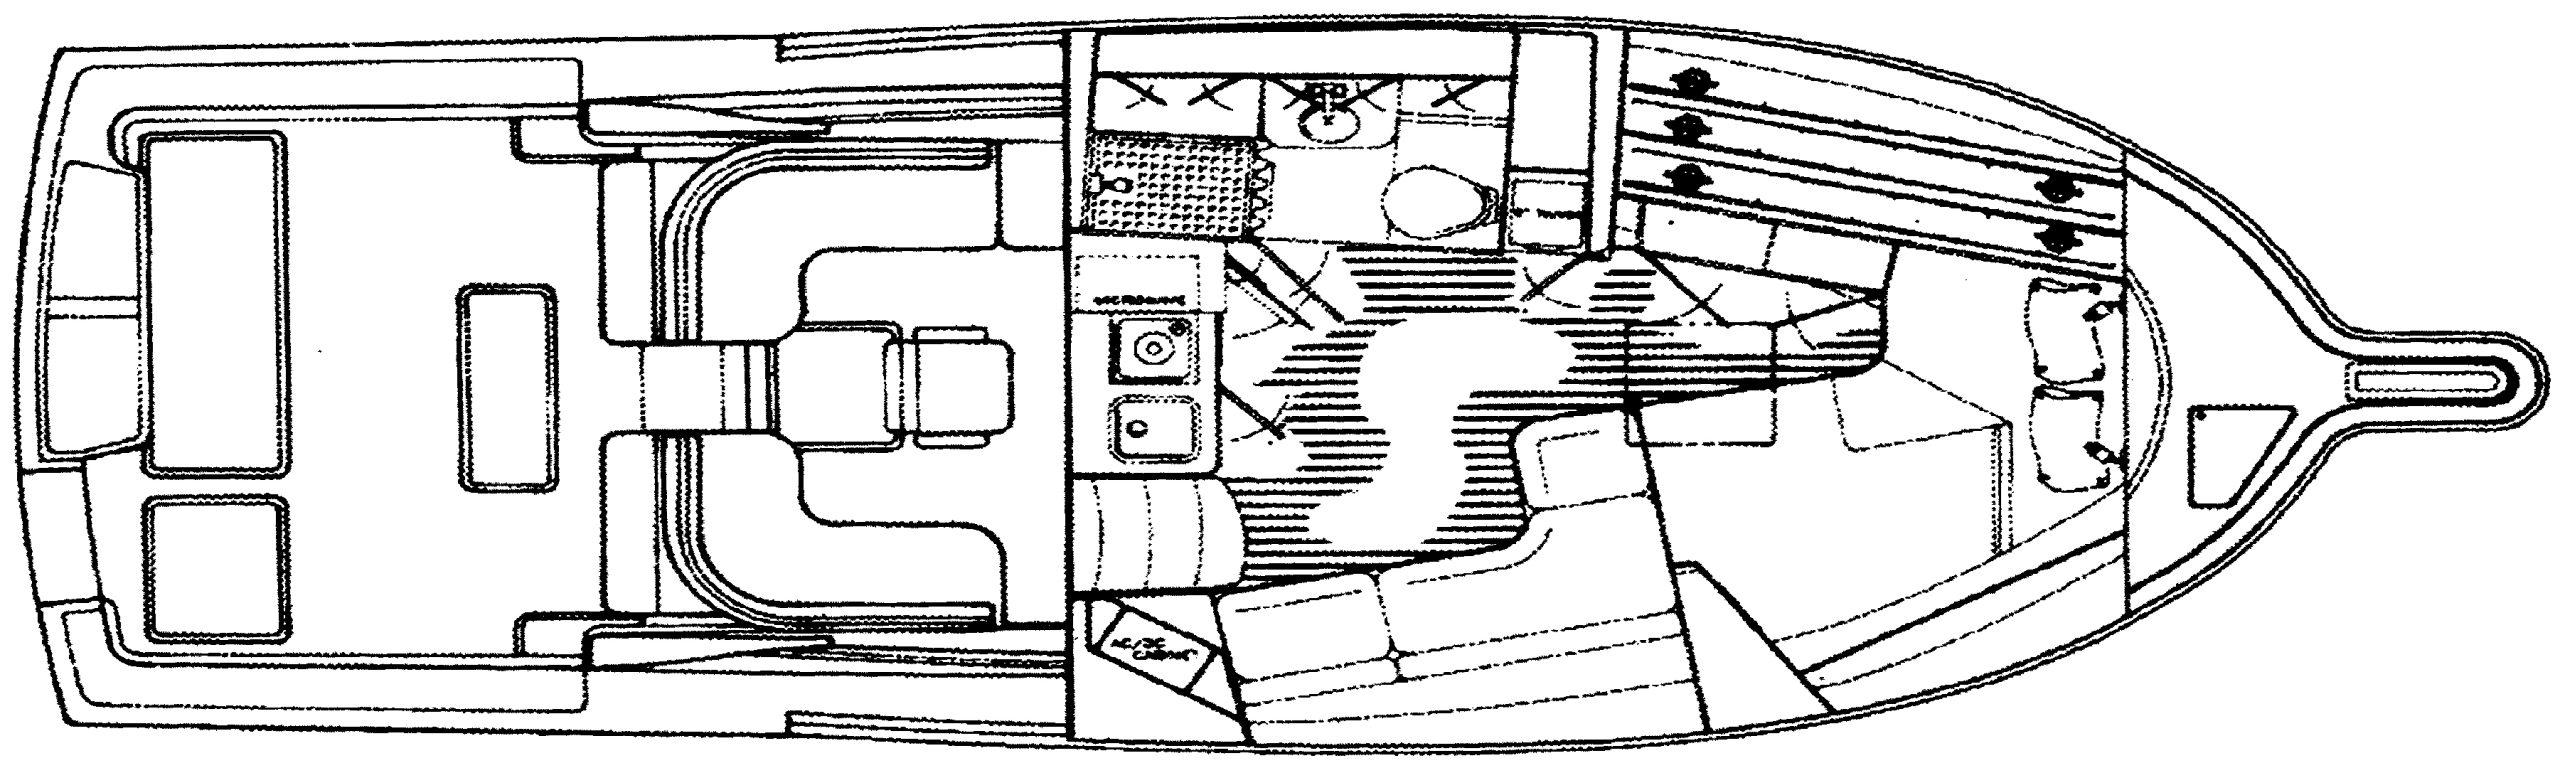 3400 Express Floor Plan 2